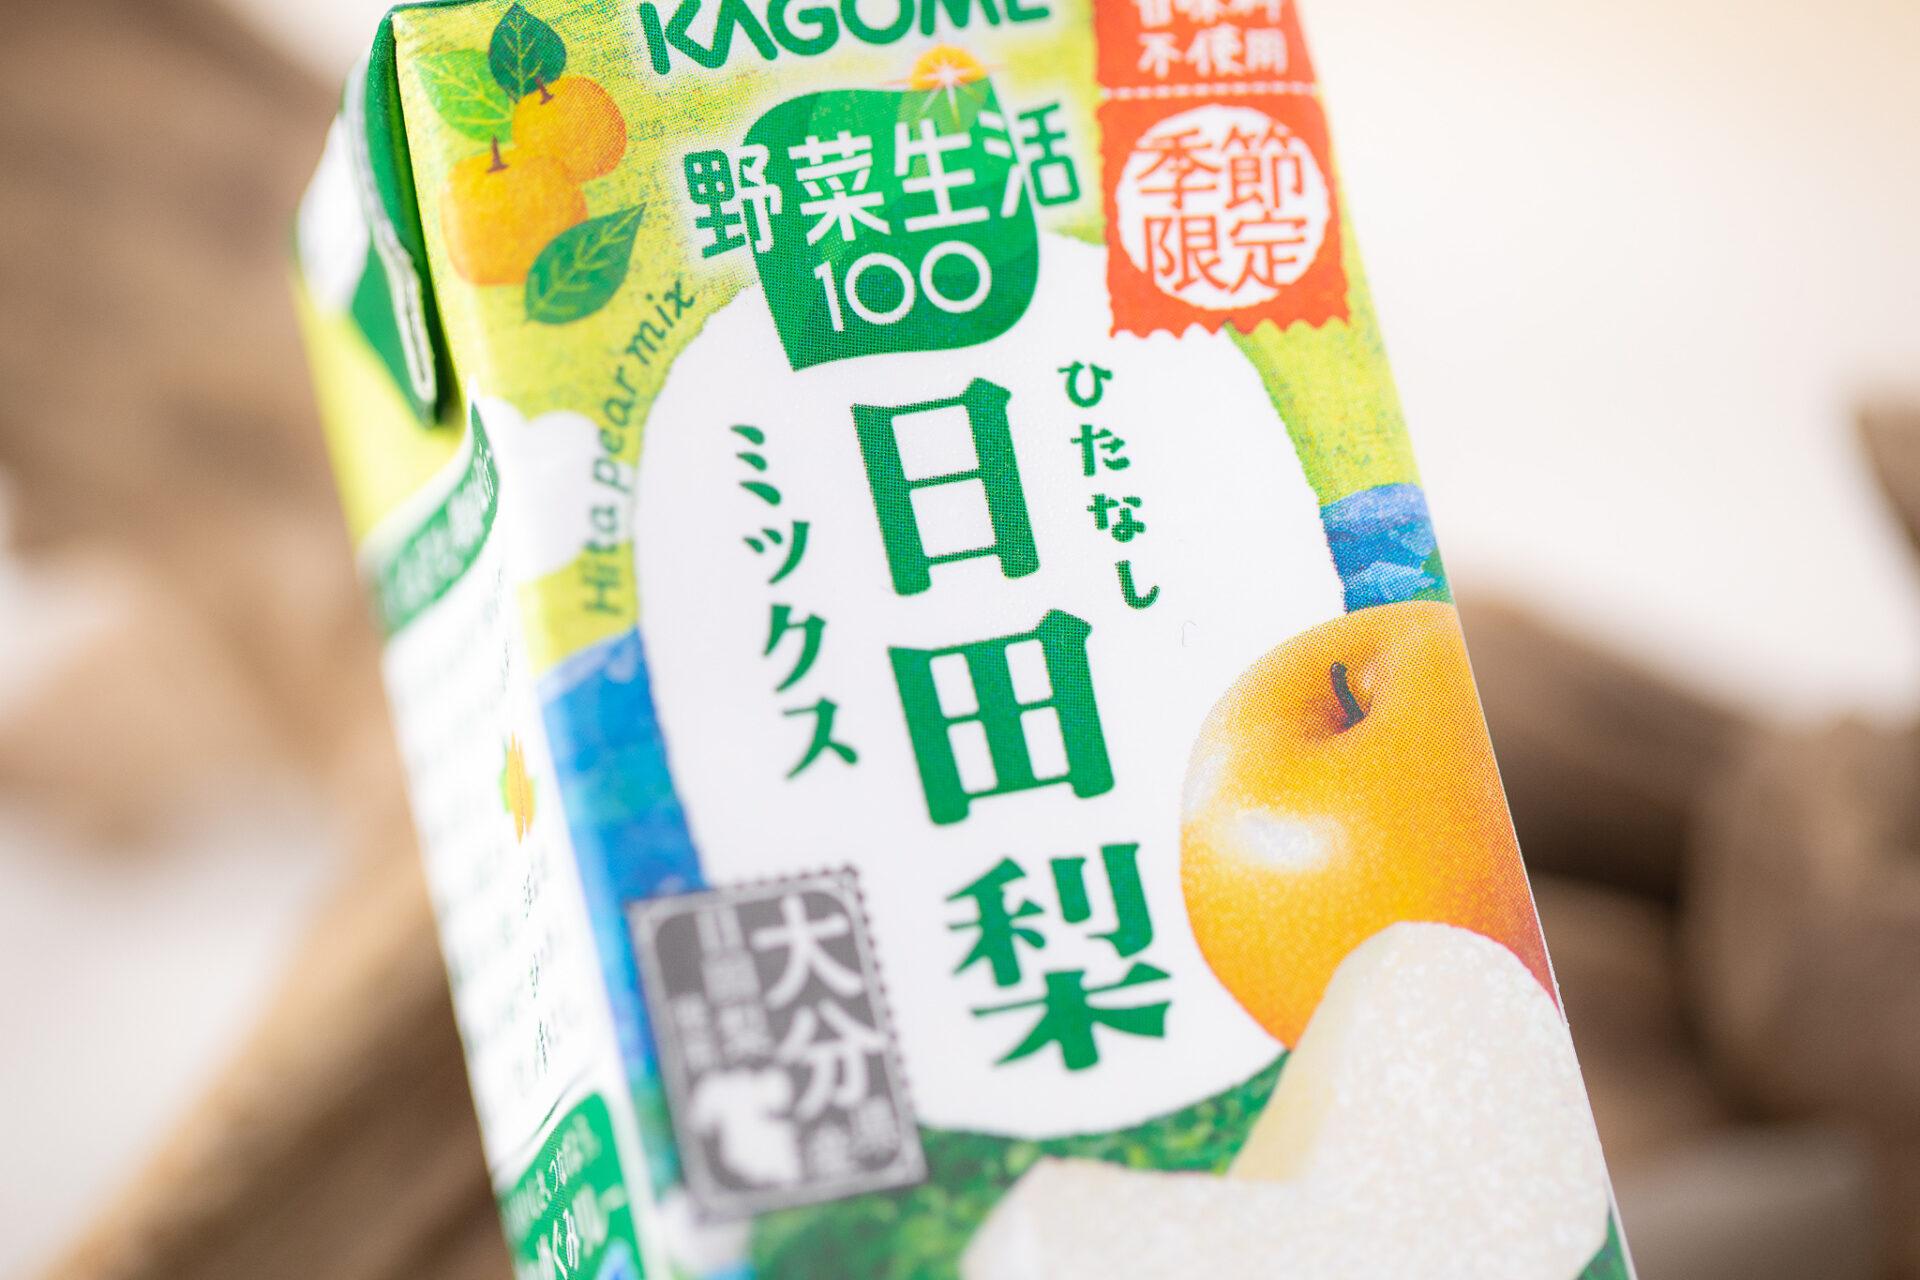 カゴメ『野菜生活100 日田梨ミックス』